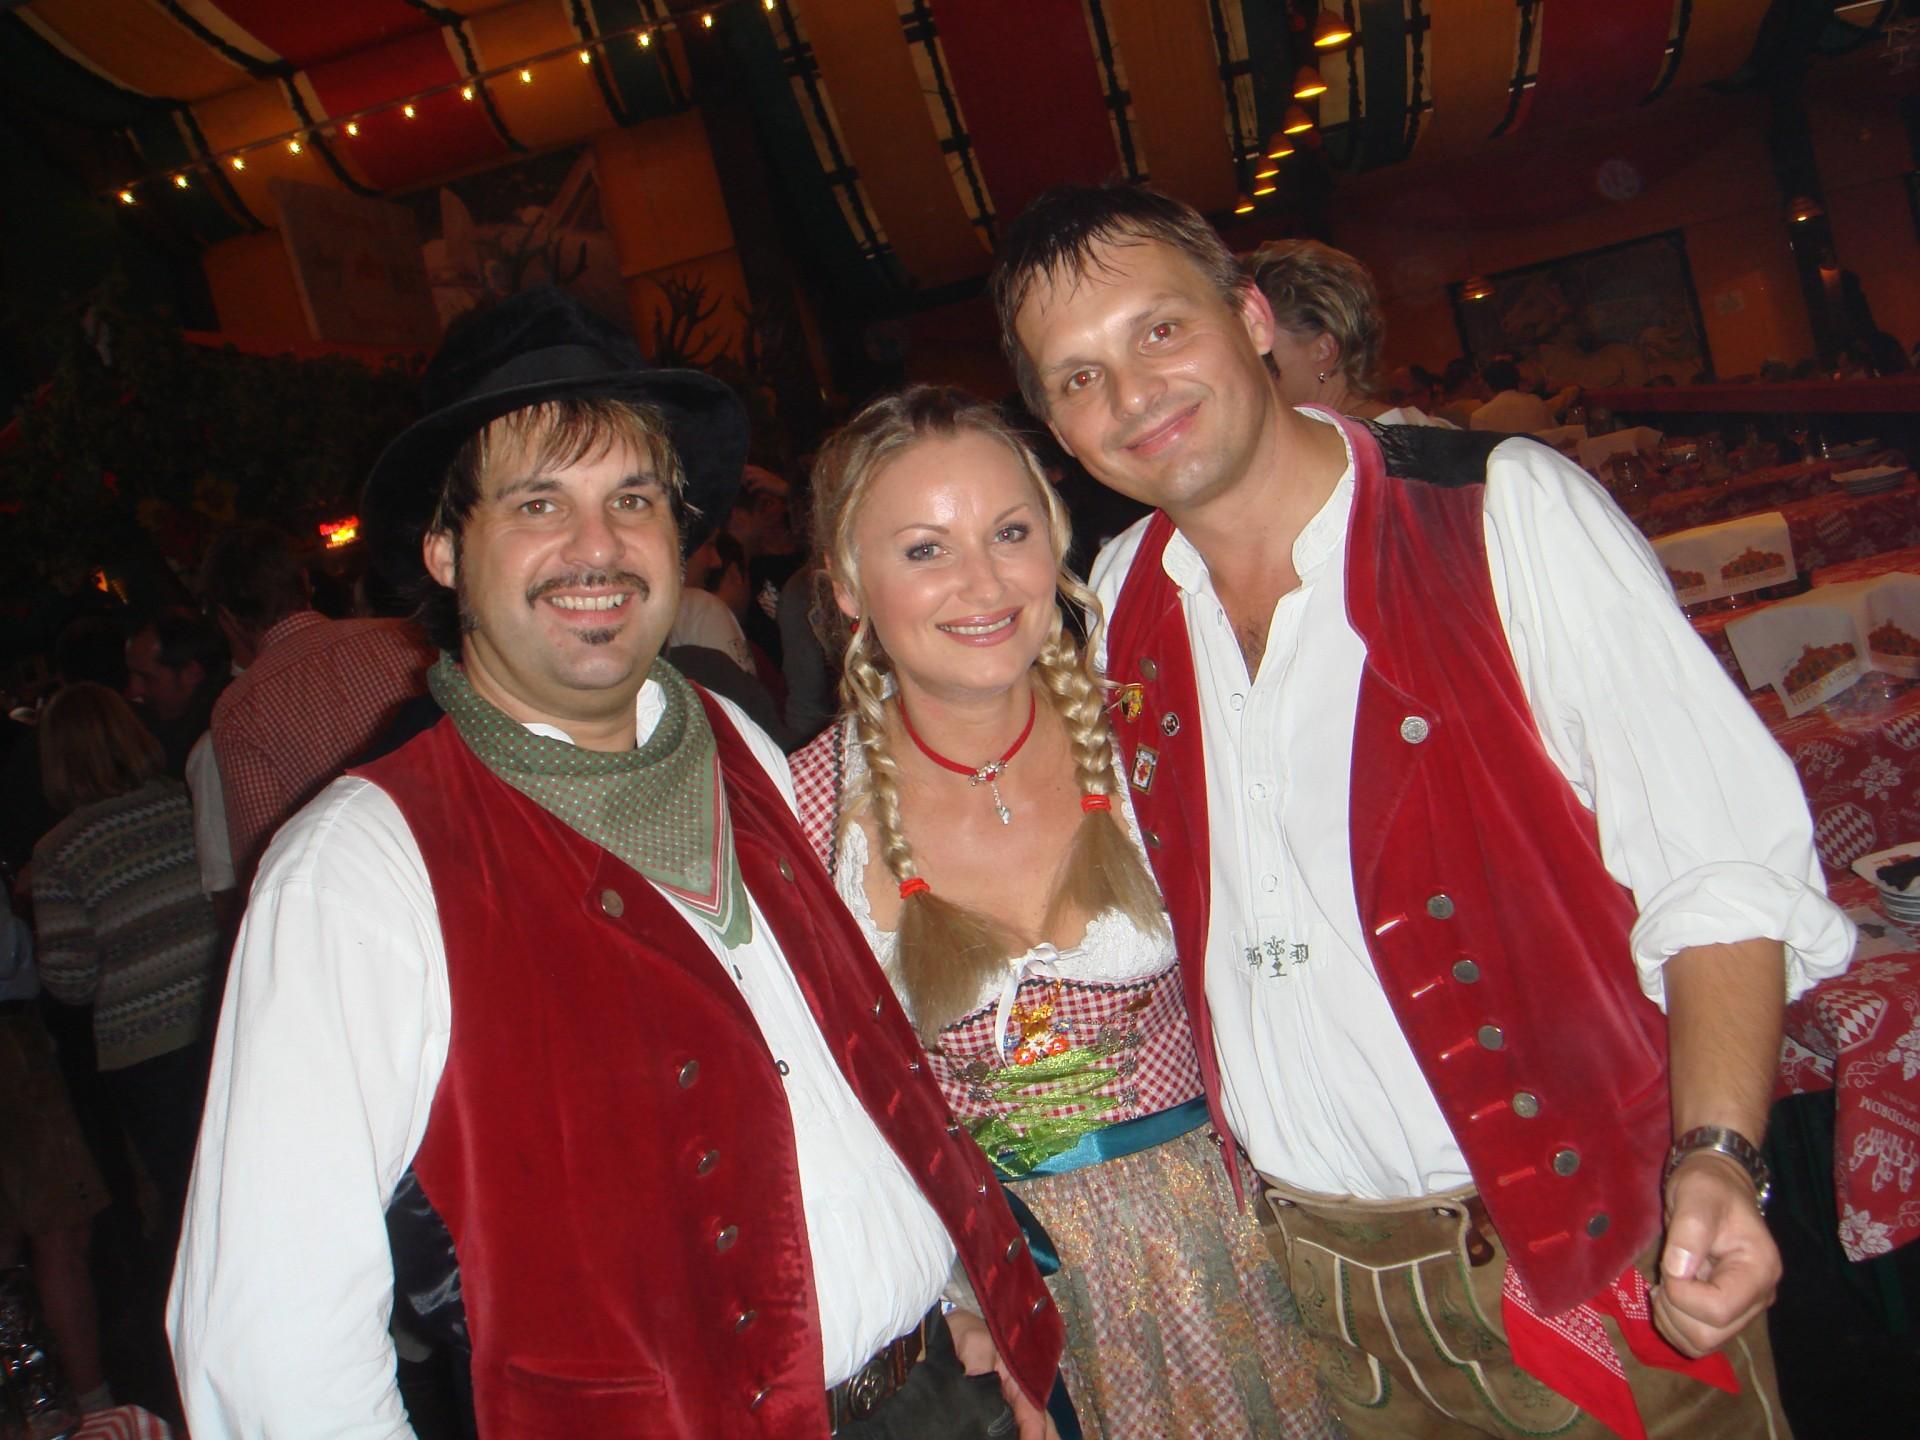 Simmisamma die Oktoberfestband – Konzert Hippodrom Oktoberfest München Deutschland 100